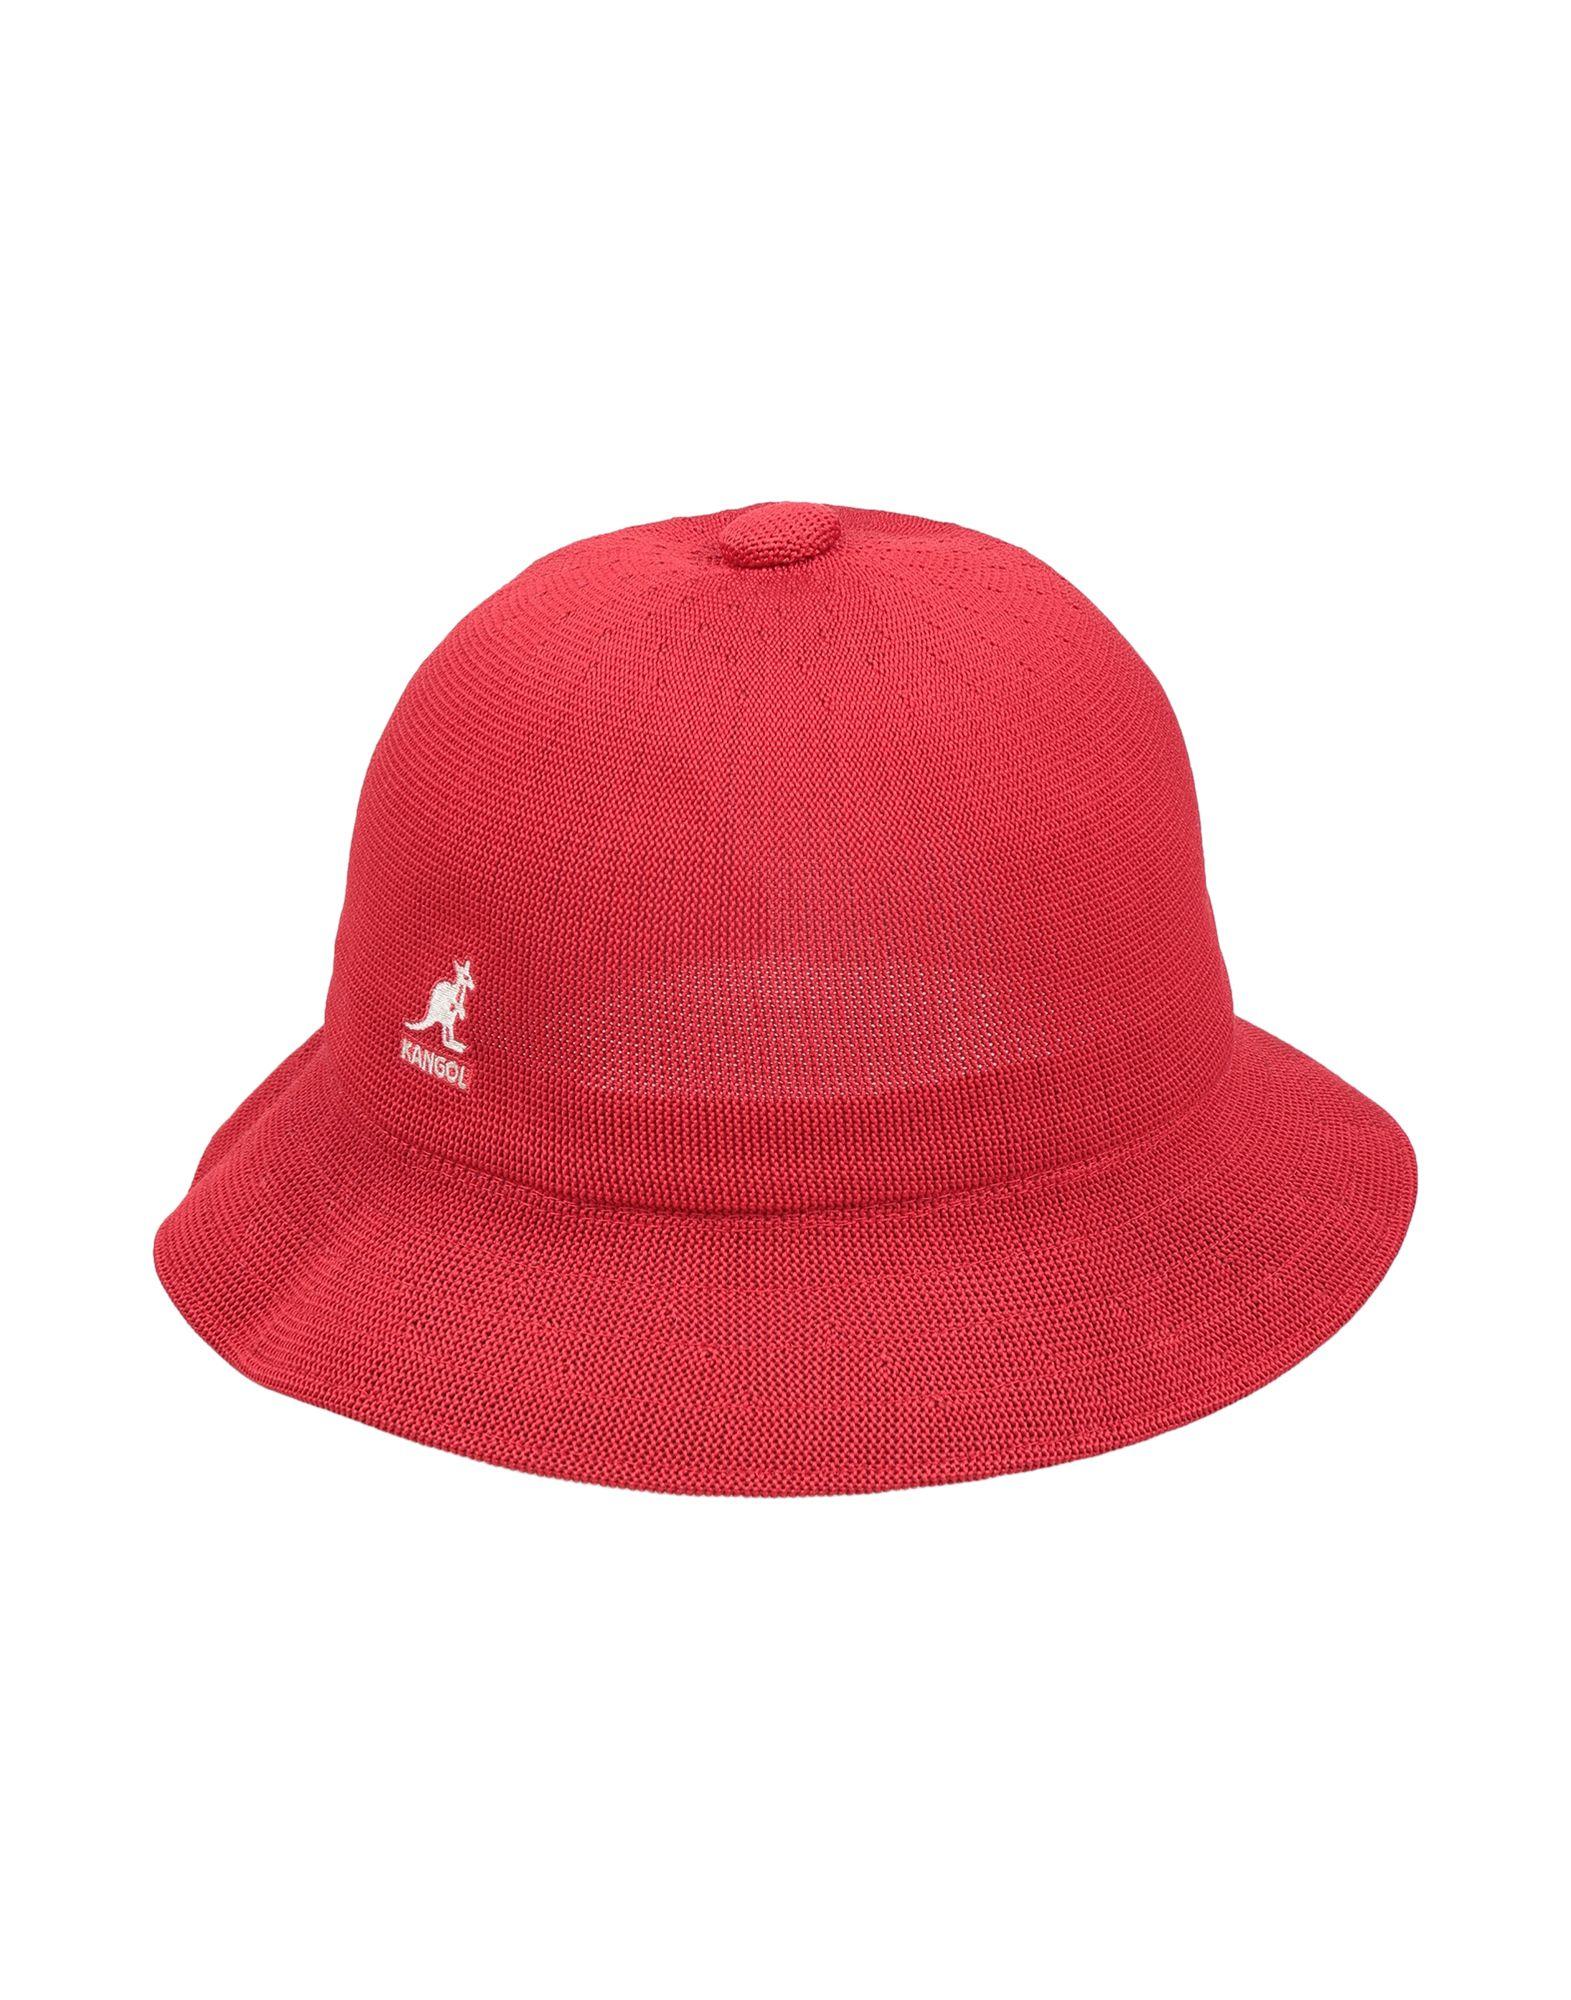 《送料無料》KANGOL メンズ 帽子 レッド L ポリエステル 60% / アクリル系 40% / ナイロン